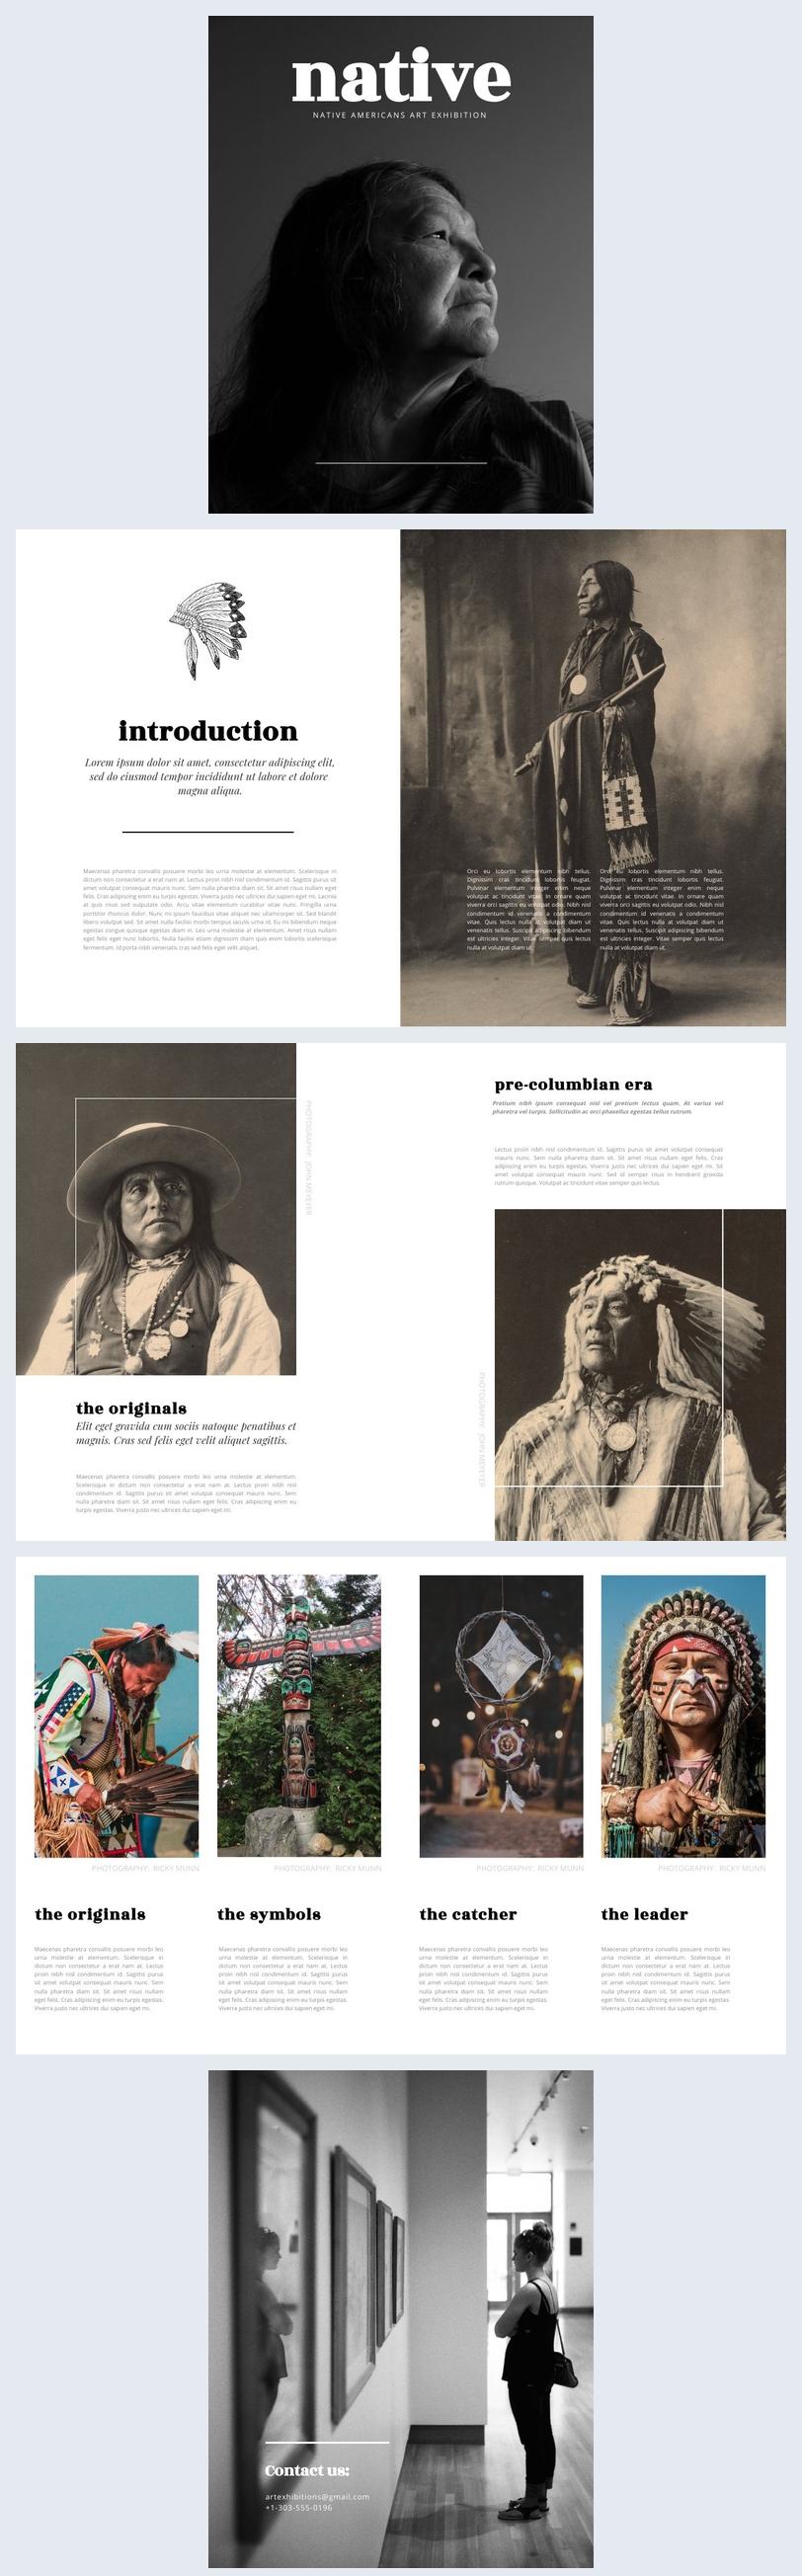 Idea de diseño para catálogo de exhibición de arte